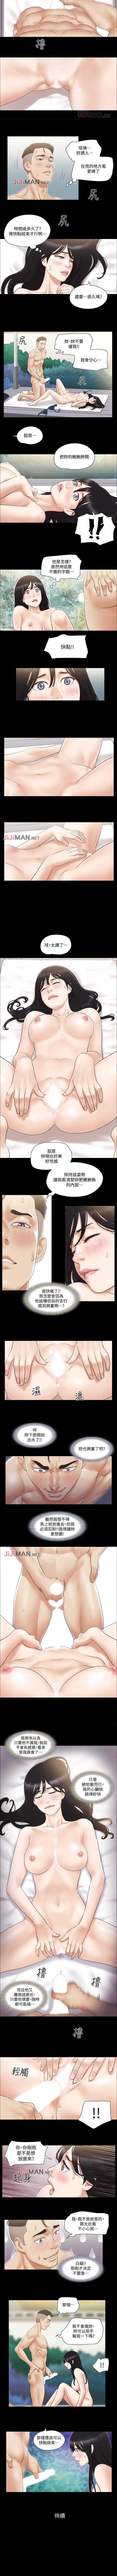 【周五连载】协议换爱(作者:遠德) 第1~62话 154